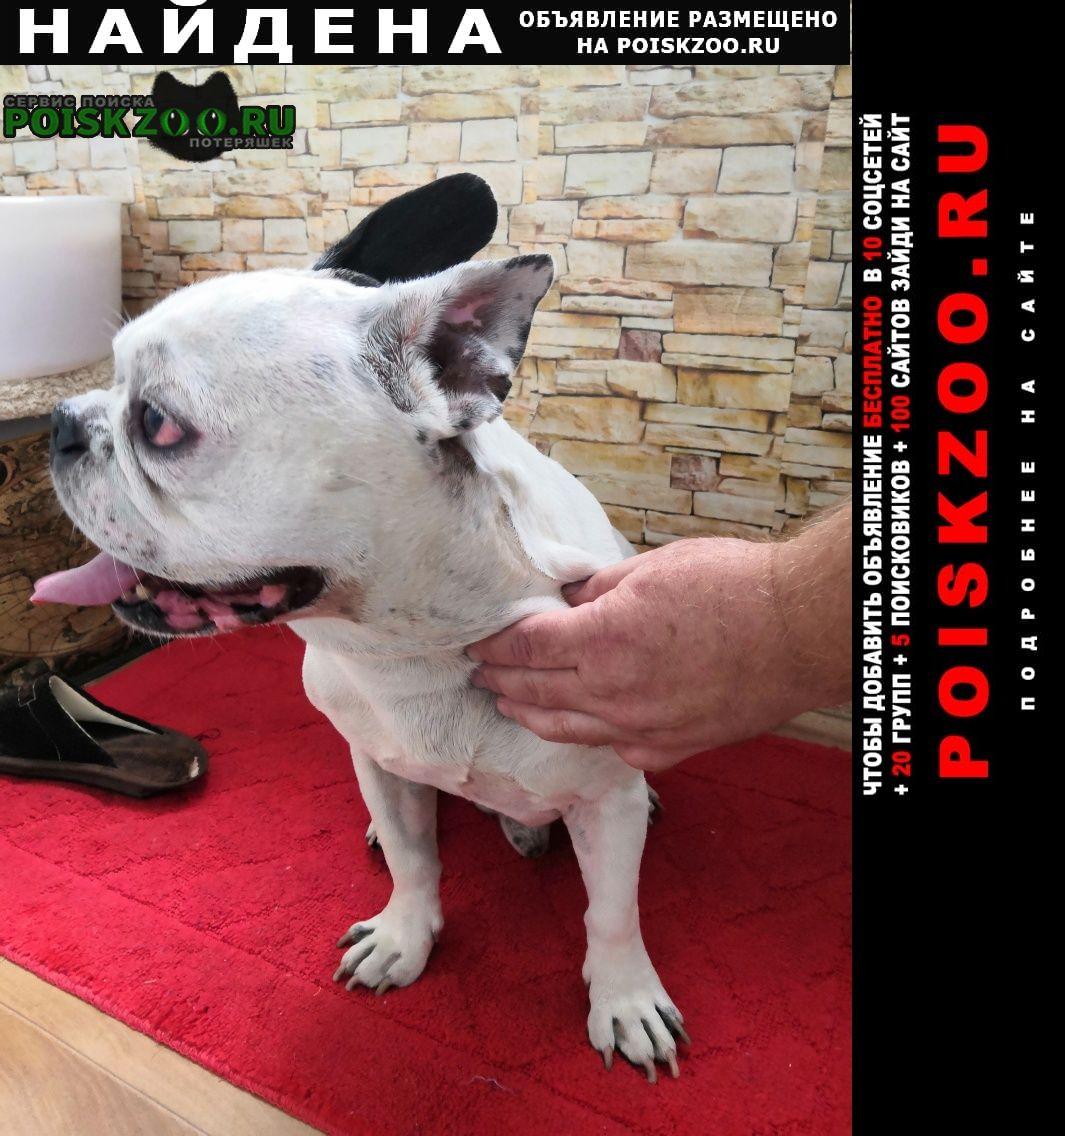 Найдена собака французский бульдог Тольятти